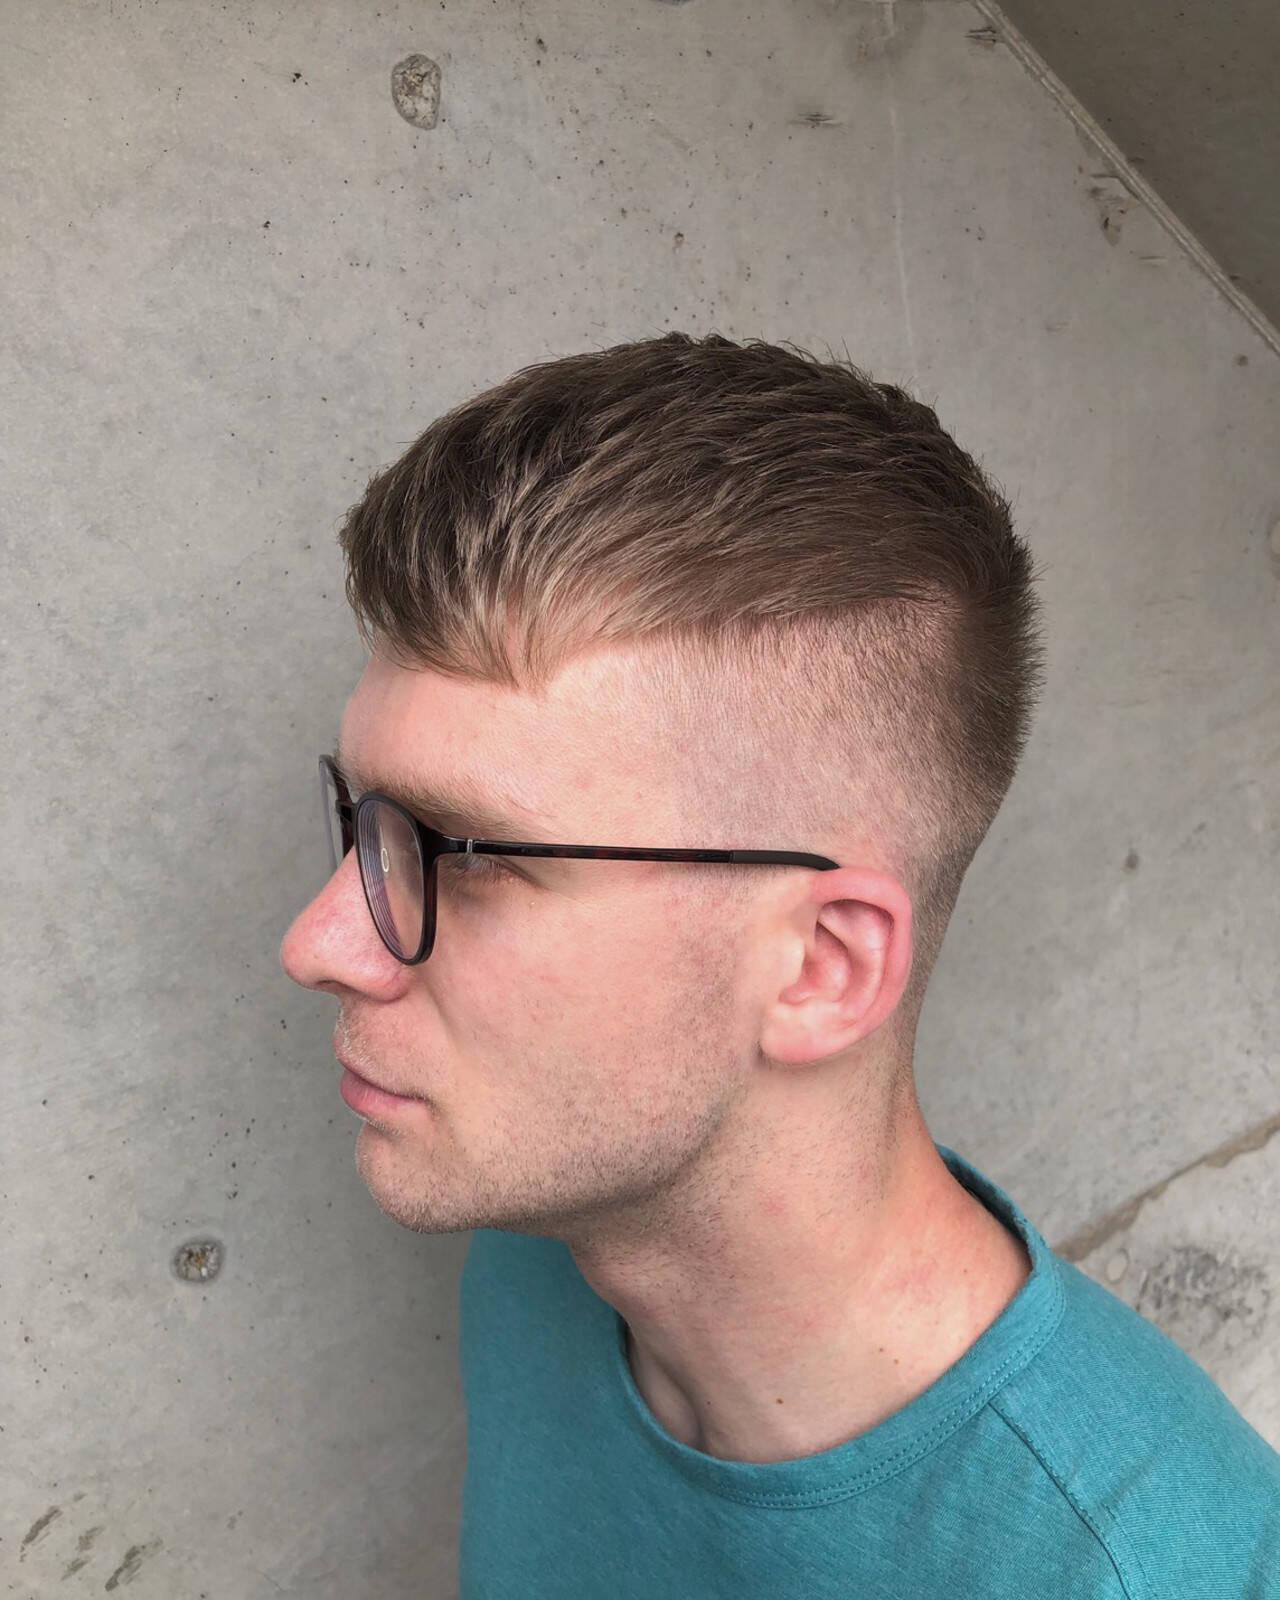 スキンフェード フェードカット メンズカット ストリートヘアスタイルや髪型の写真・画像